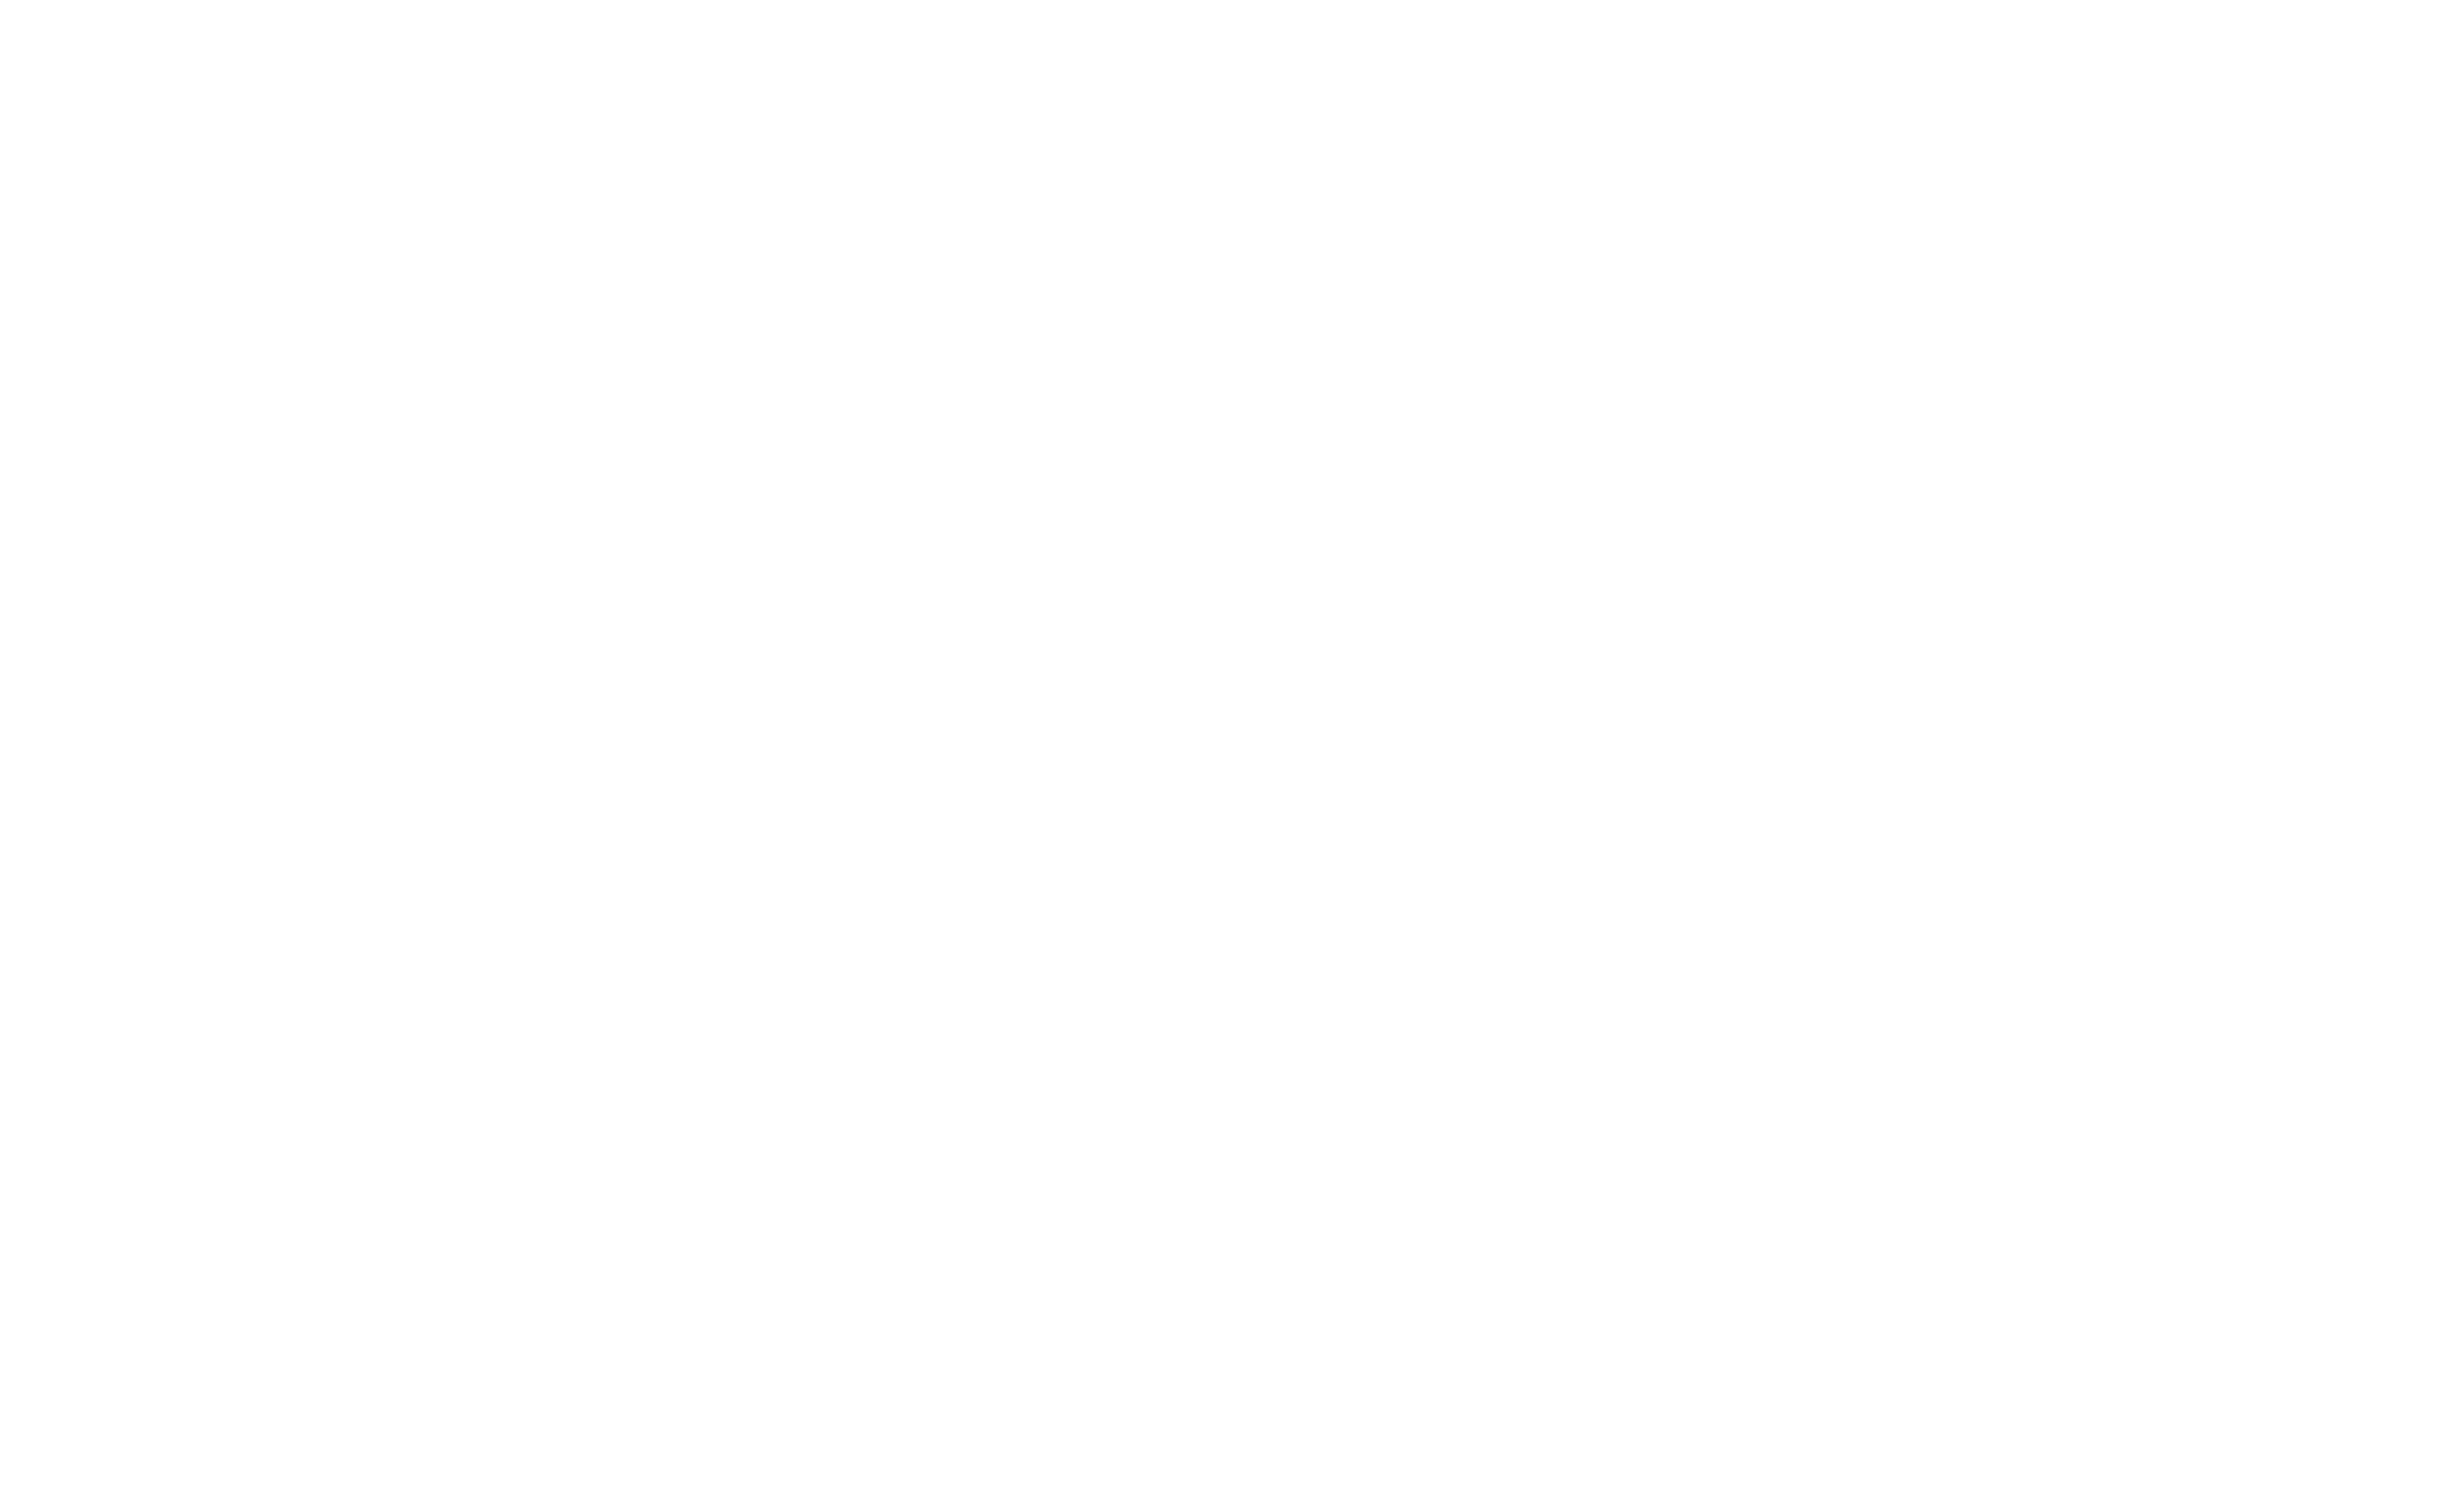 Baha Mar SLS 酒店